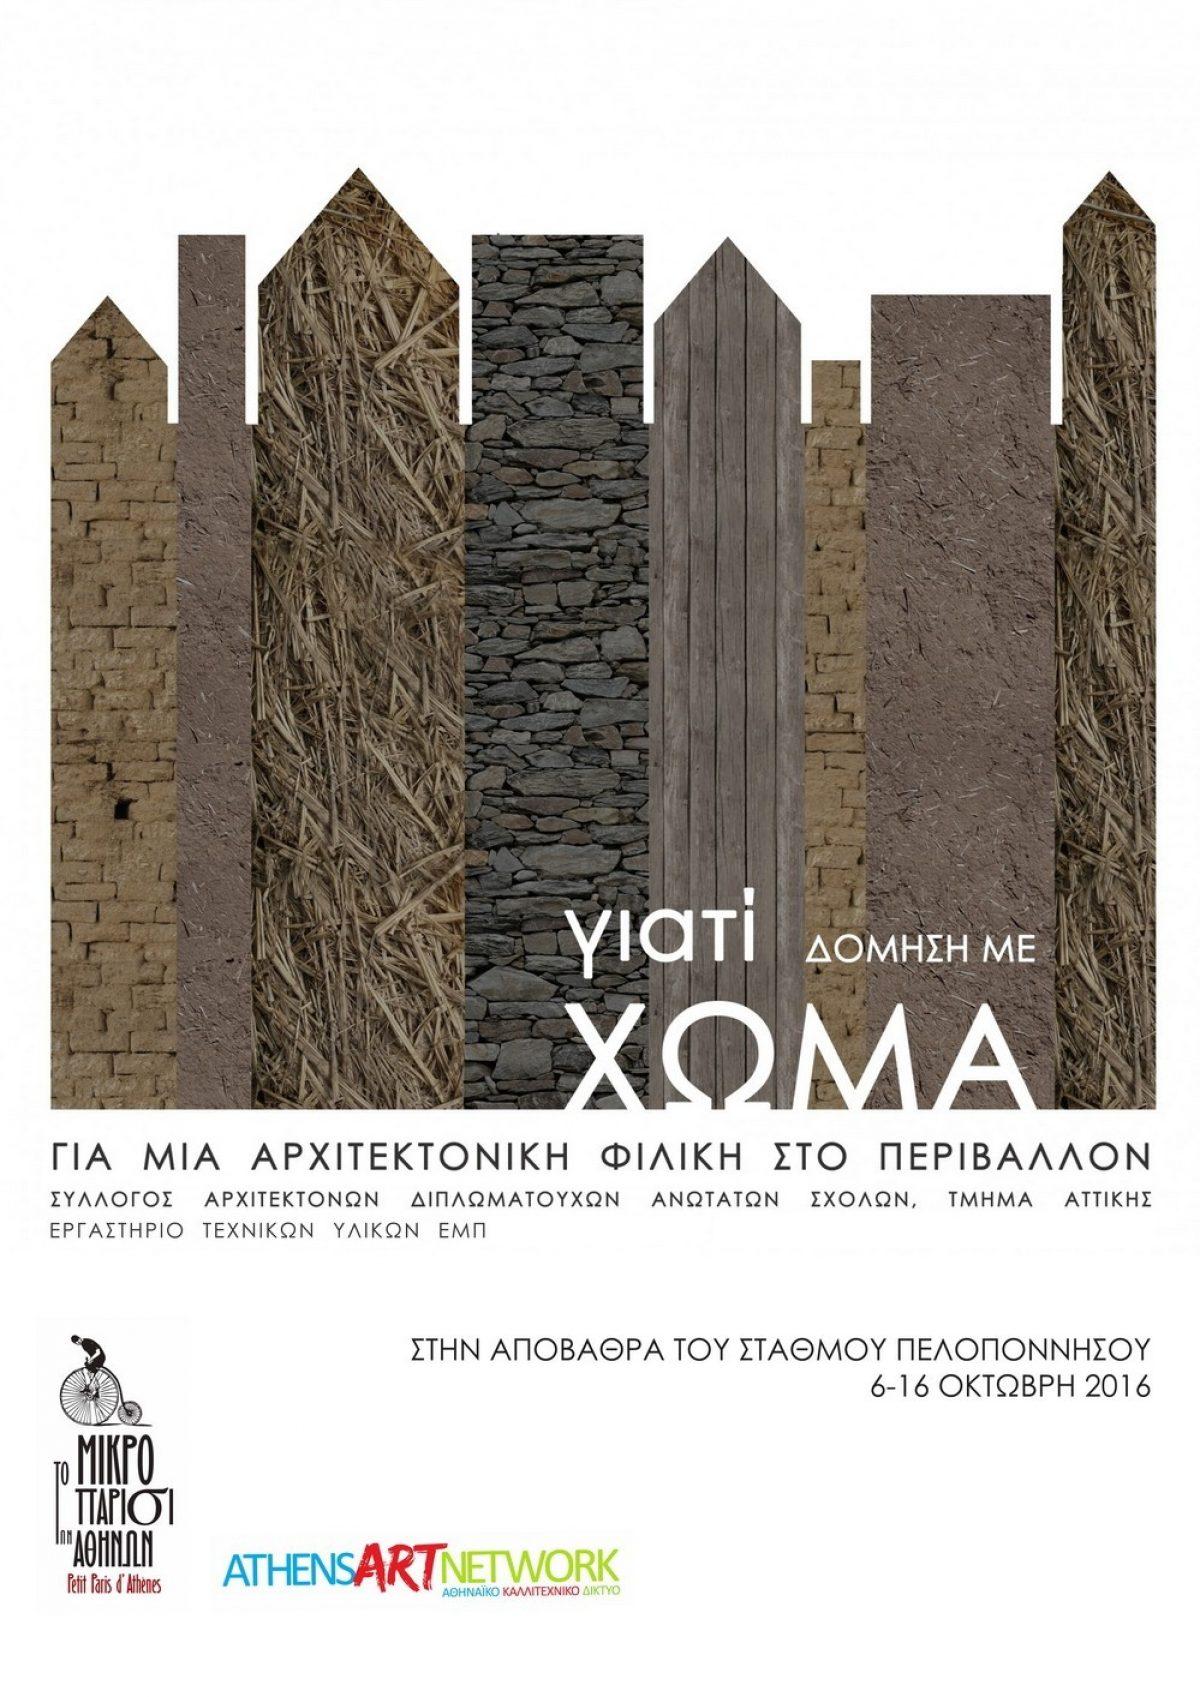 Έκθεση για φυσική δόμηση: «Γιατί δόμηση με χώμα;», παλιός Σταθμός Πελοποννήσου, 8-16 Οκτωβρίου 2016